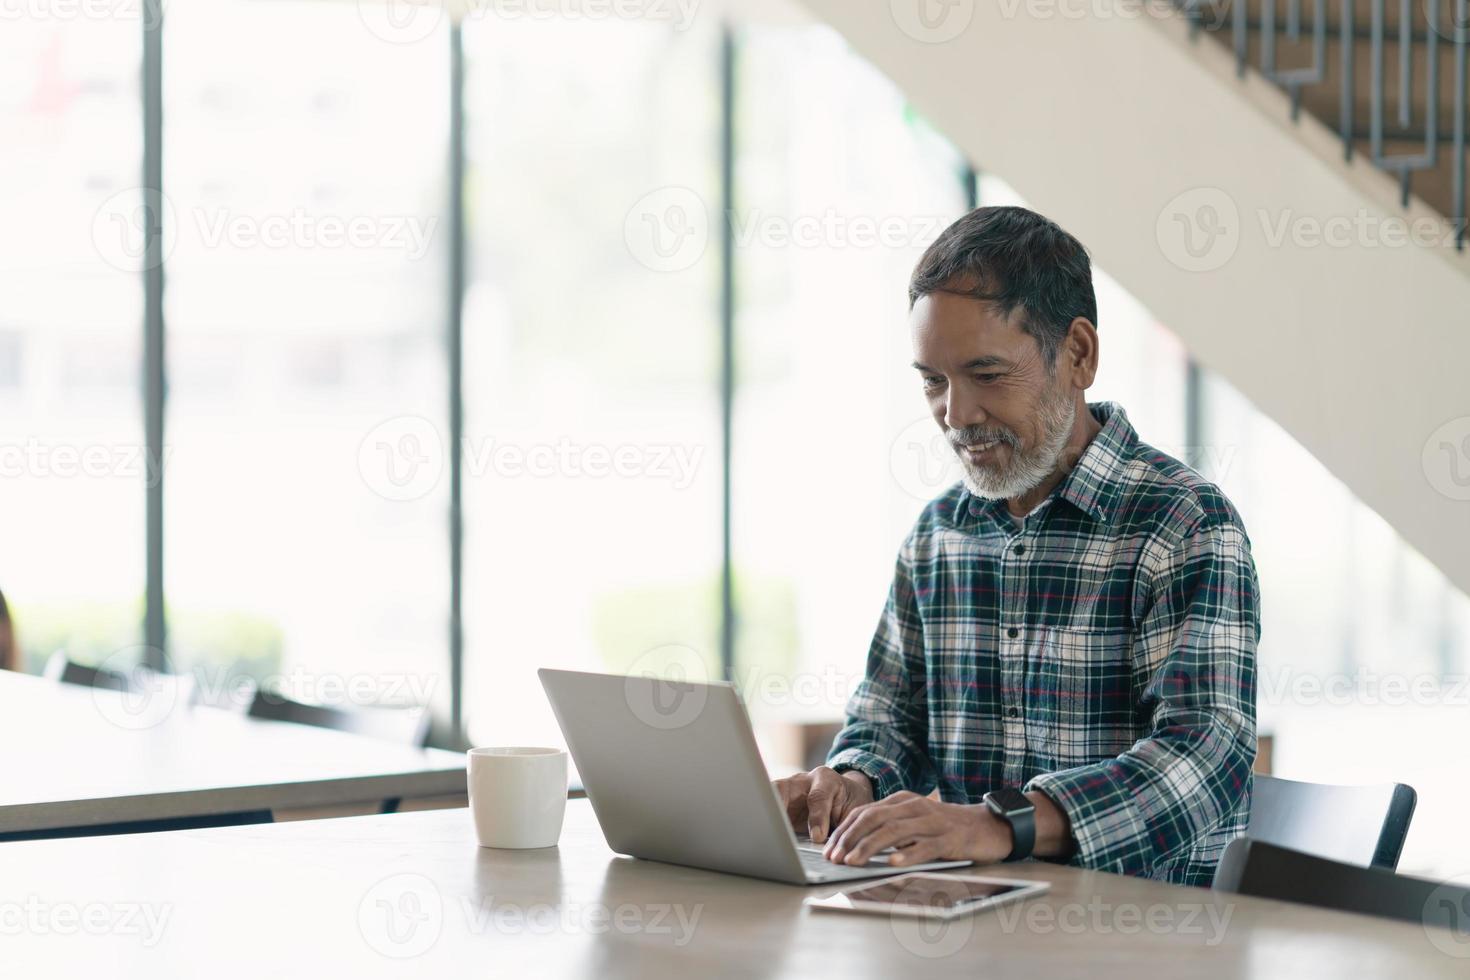 lächelnder attraktiver reifer Mann mit weißem, grauem stilvollem kurzem Bart unter Verwendung des Smartphone-Gadgets, das Internet im modernen Büro, im gemeinsamen Arbeitsraum oder im Café dient. alter Mann mit sozialer Netzwerktechnologie. foto